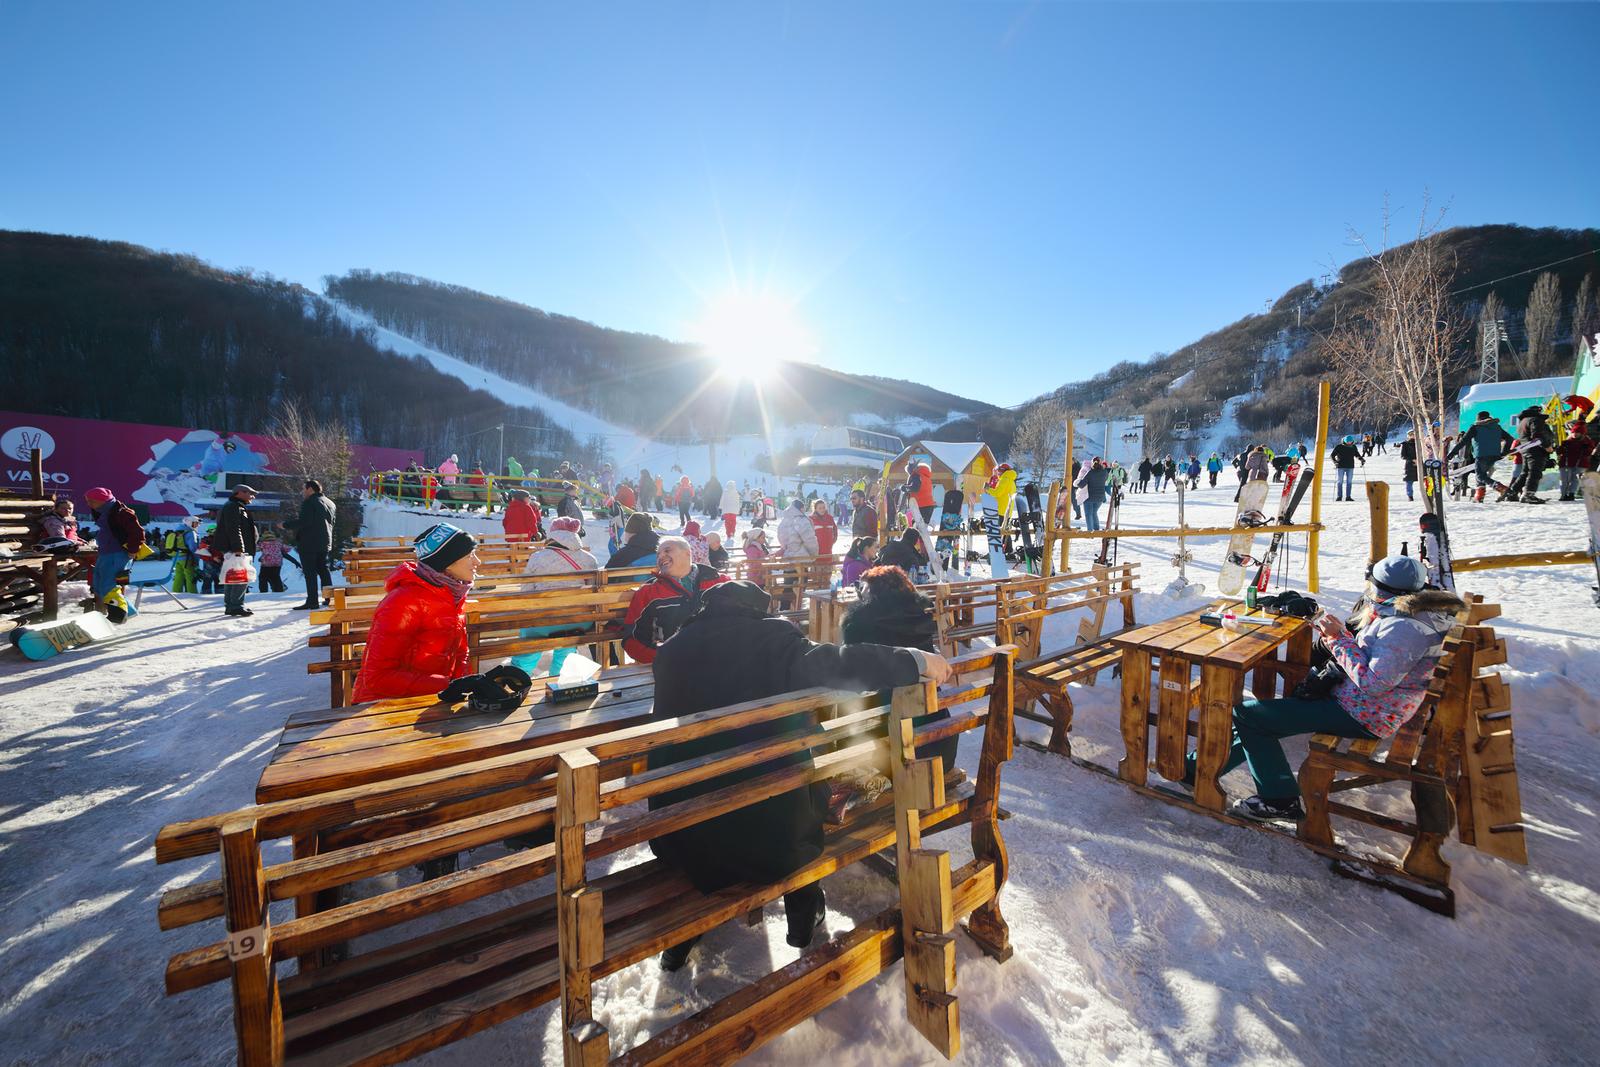 Winter weekends: Skiing in emerging Europe - Emerging Europe | News